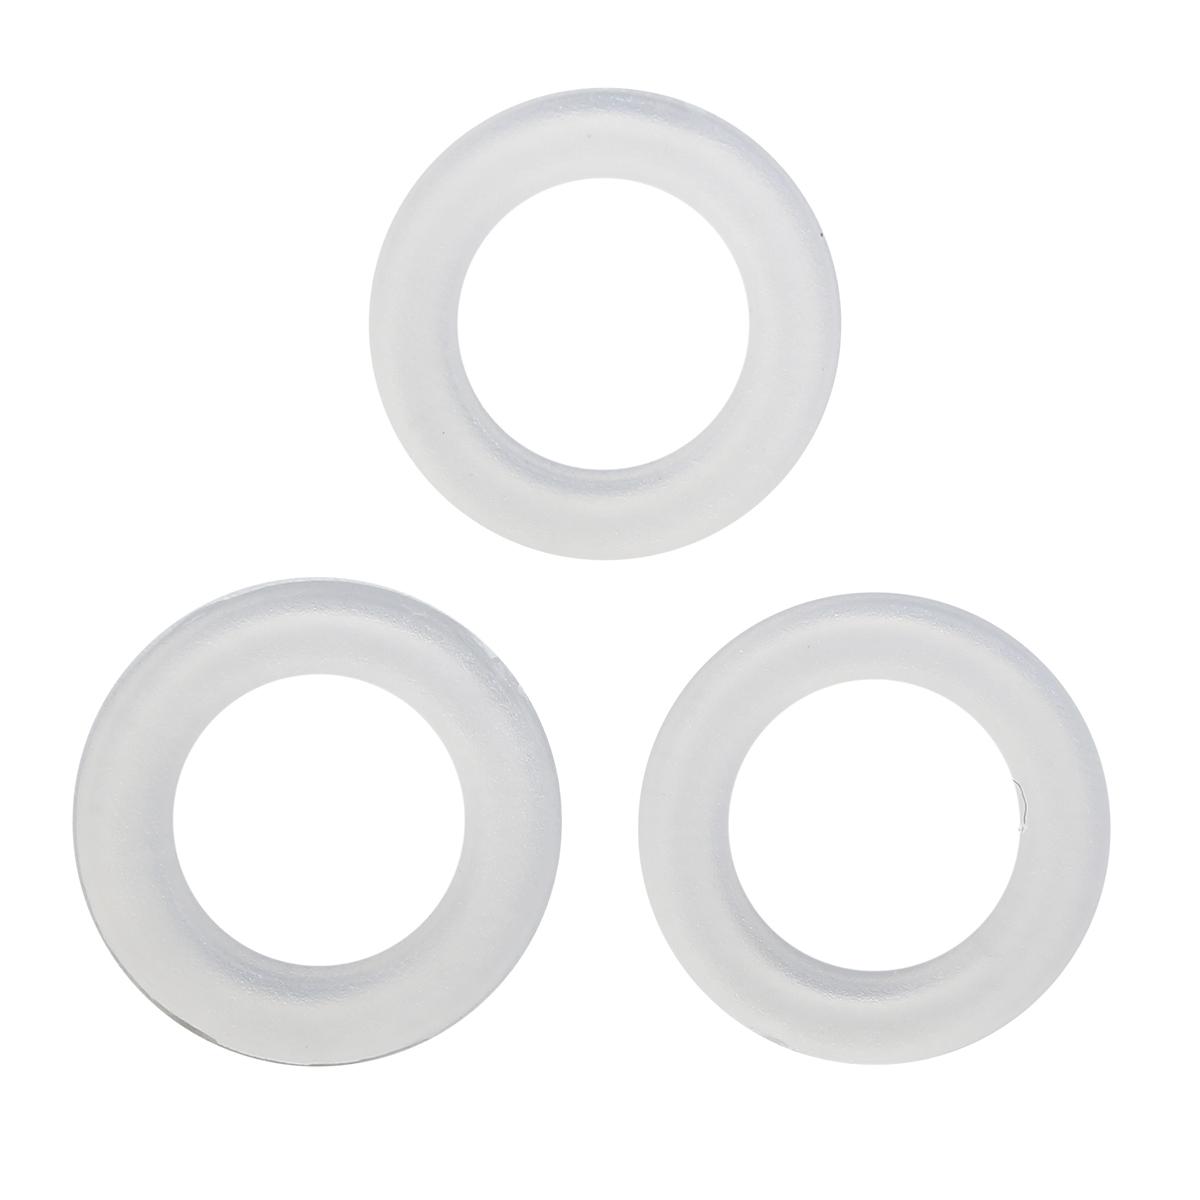 64773 Кольцо пласт. под кнопку, д-15мм кольцо , люверс д-5мм ГР